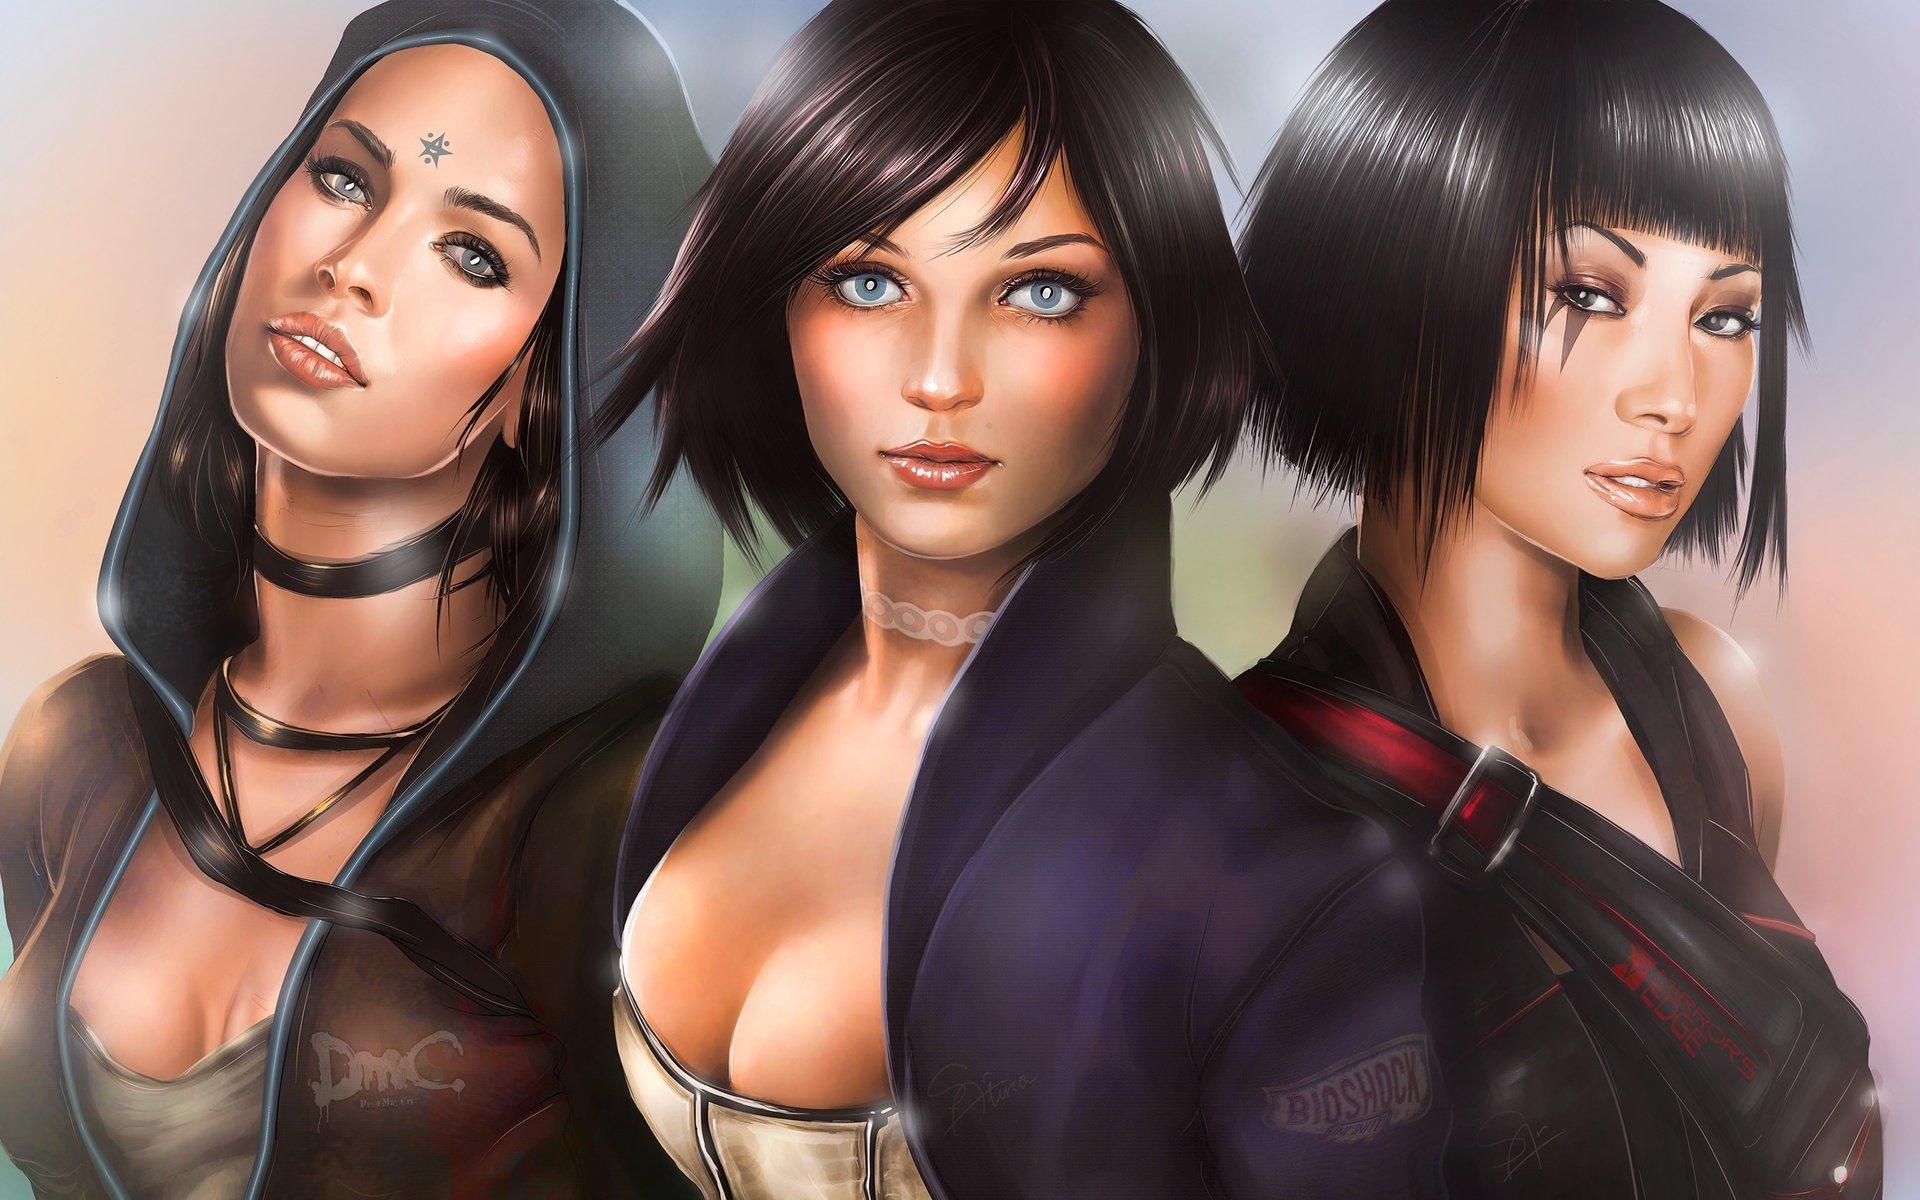 самые сексуальные героини игр